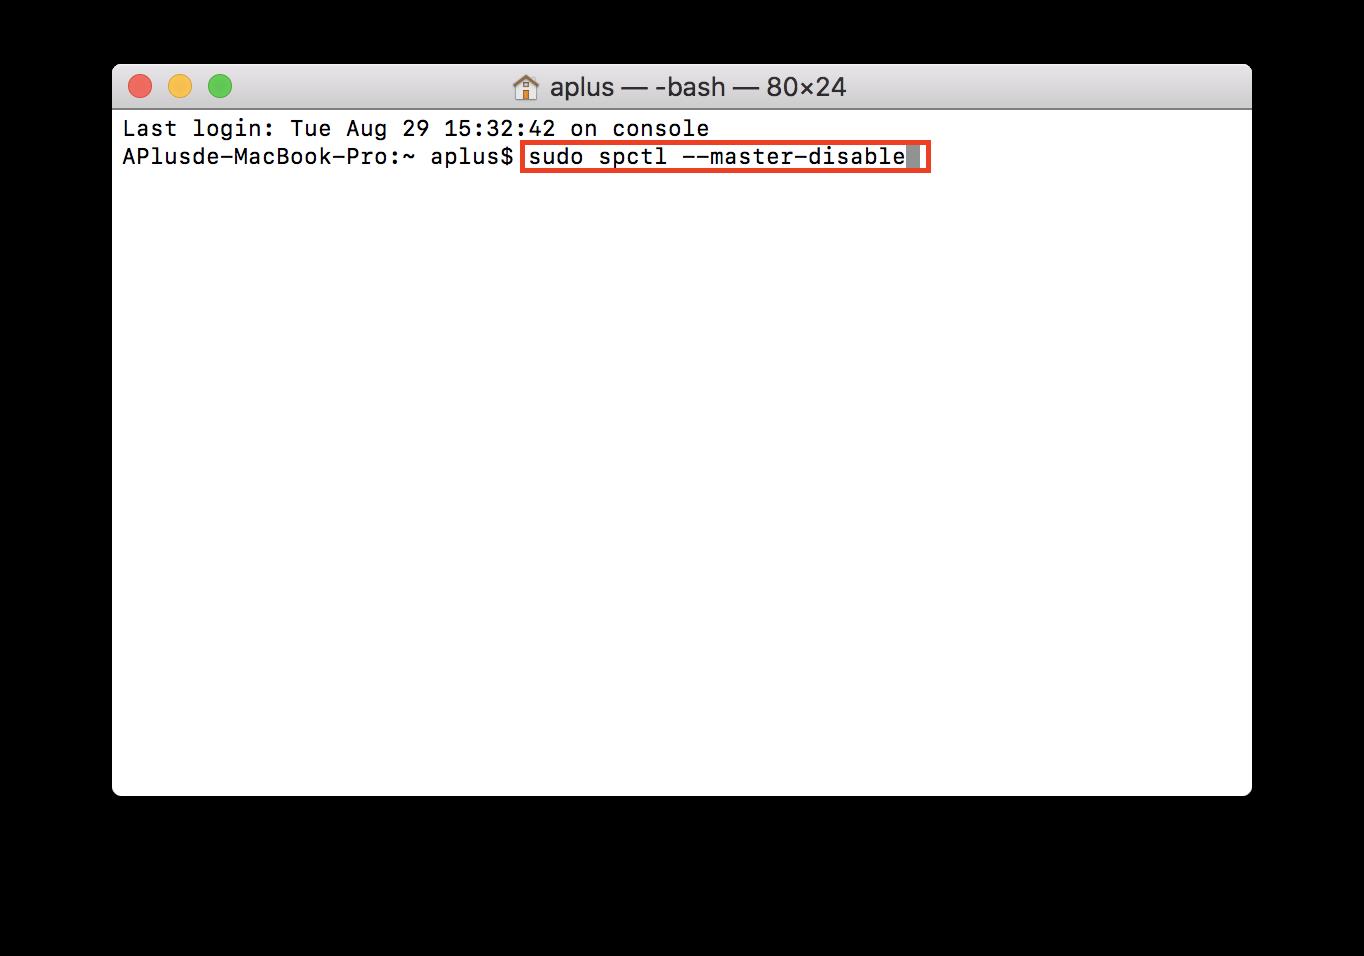 將「任何來源」的選項加回Mac的App允許項目之輸入指令